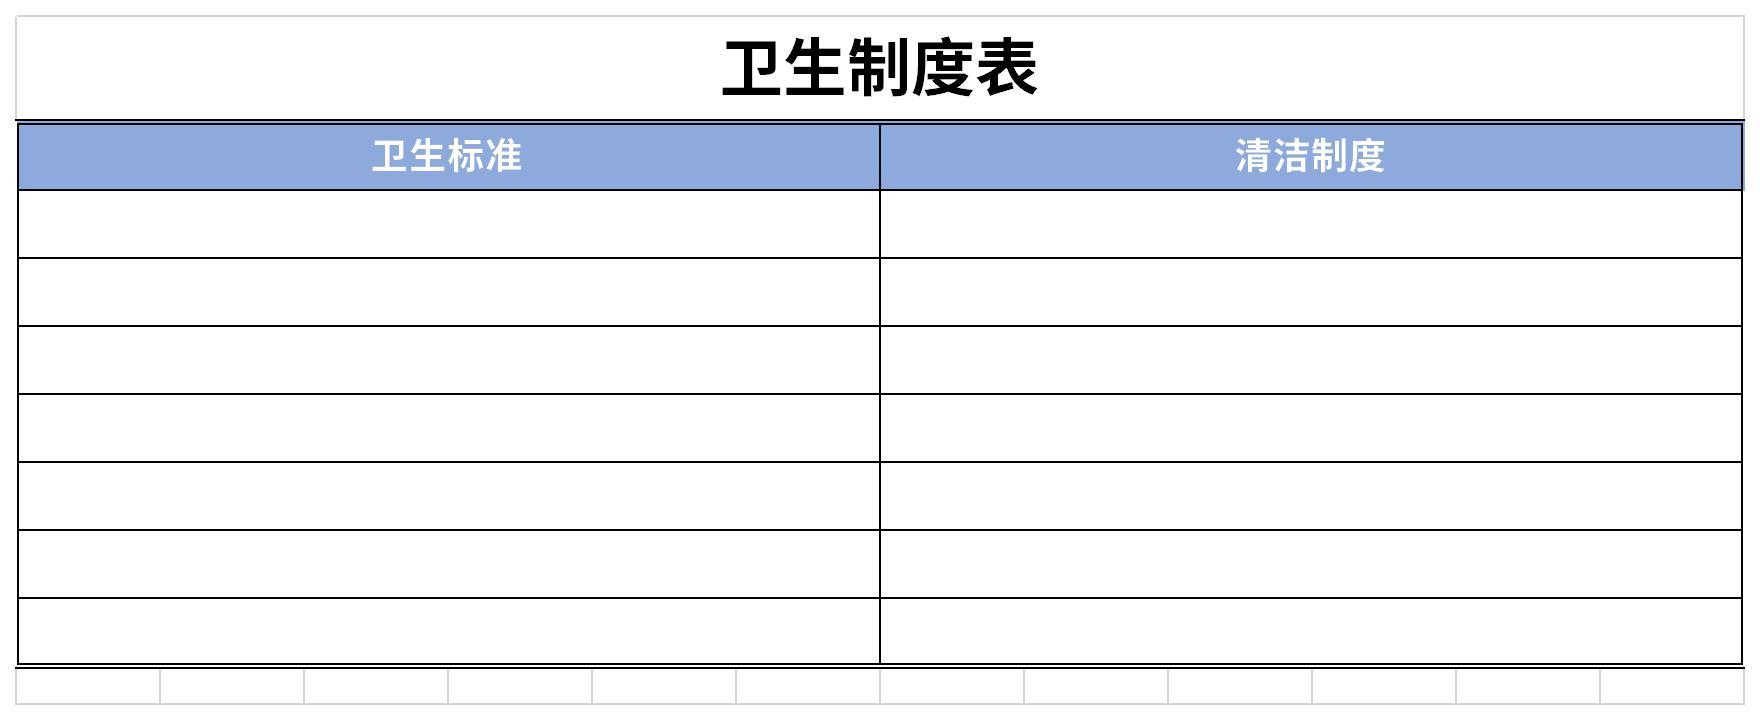 卫生制度表截图